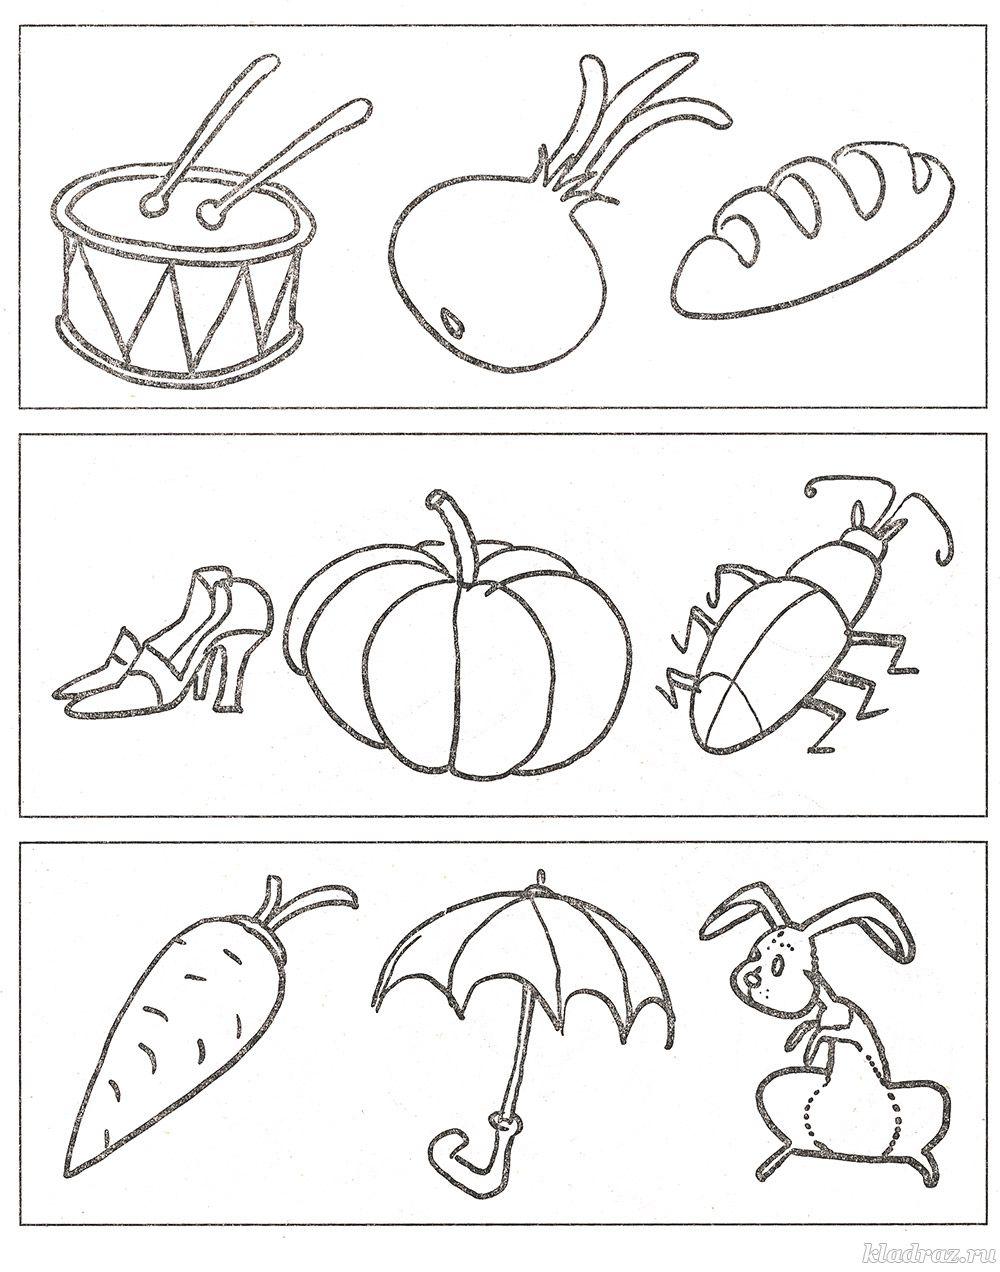 Задания Для Детей В Картинках 4-5 Лет